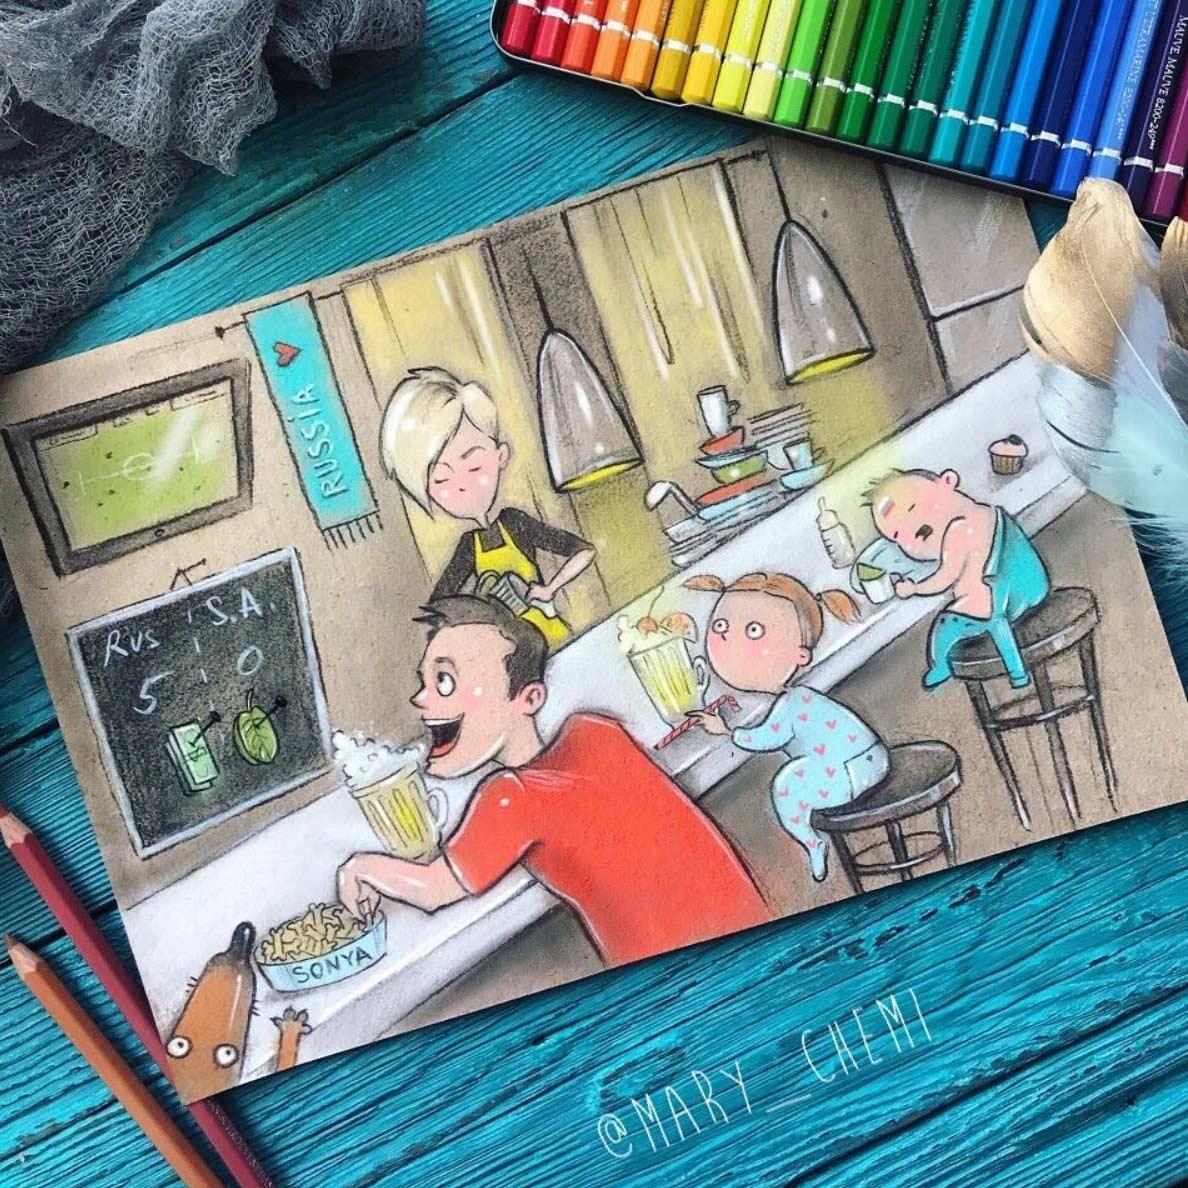 Gezeichnet vom Elterndasein Maria-Gorbunova-gezeichnetes-elterndasein_03